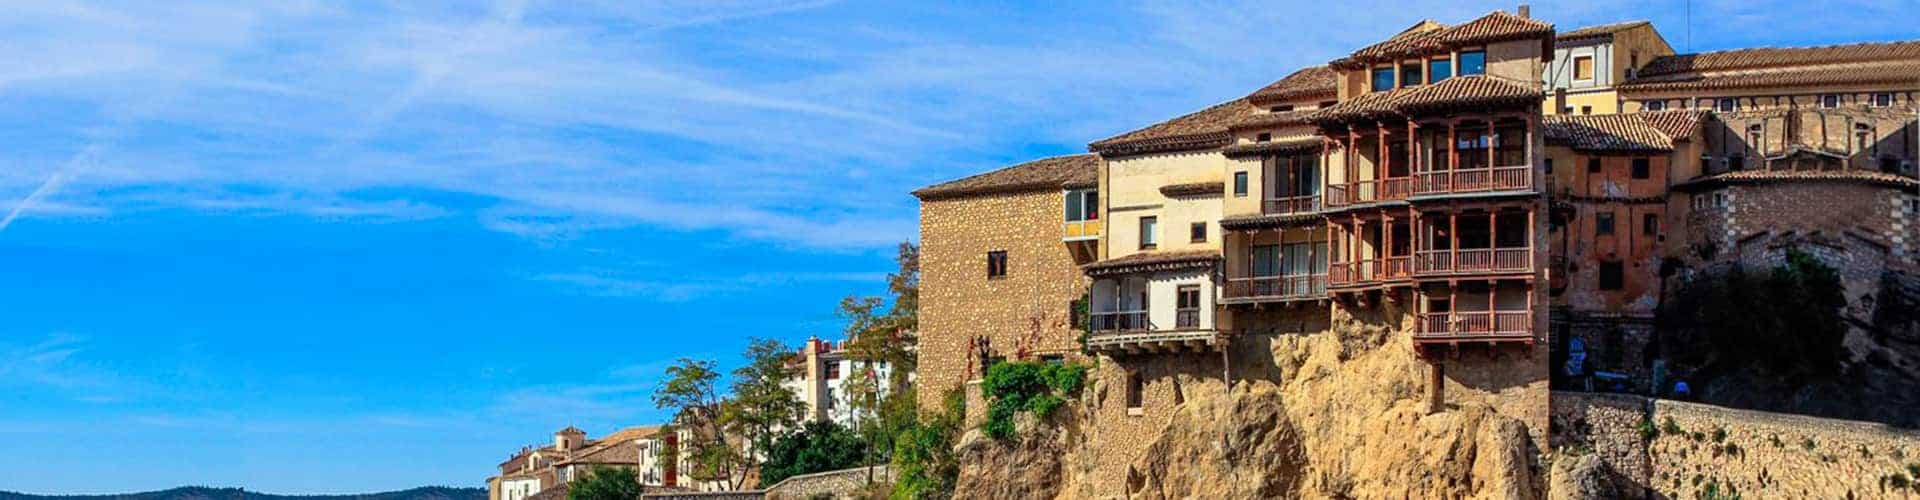 Free Tour Cuenca - Turismo de España